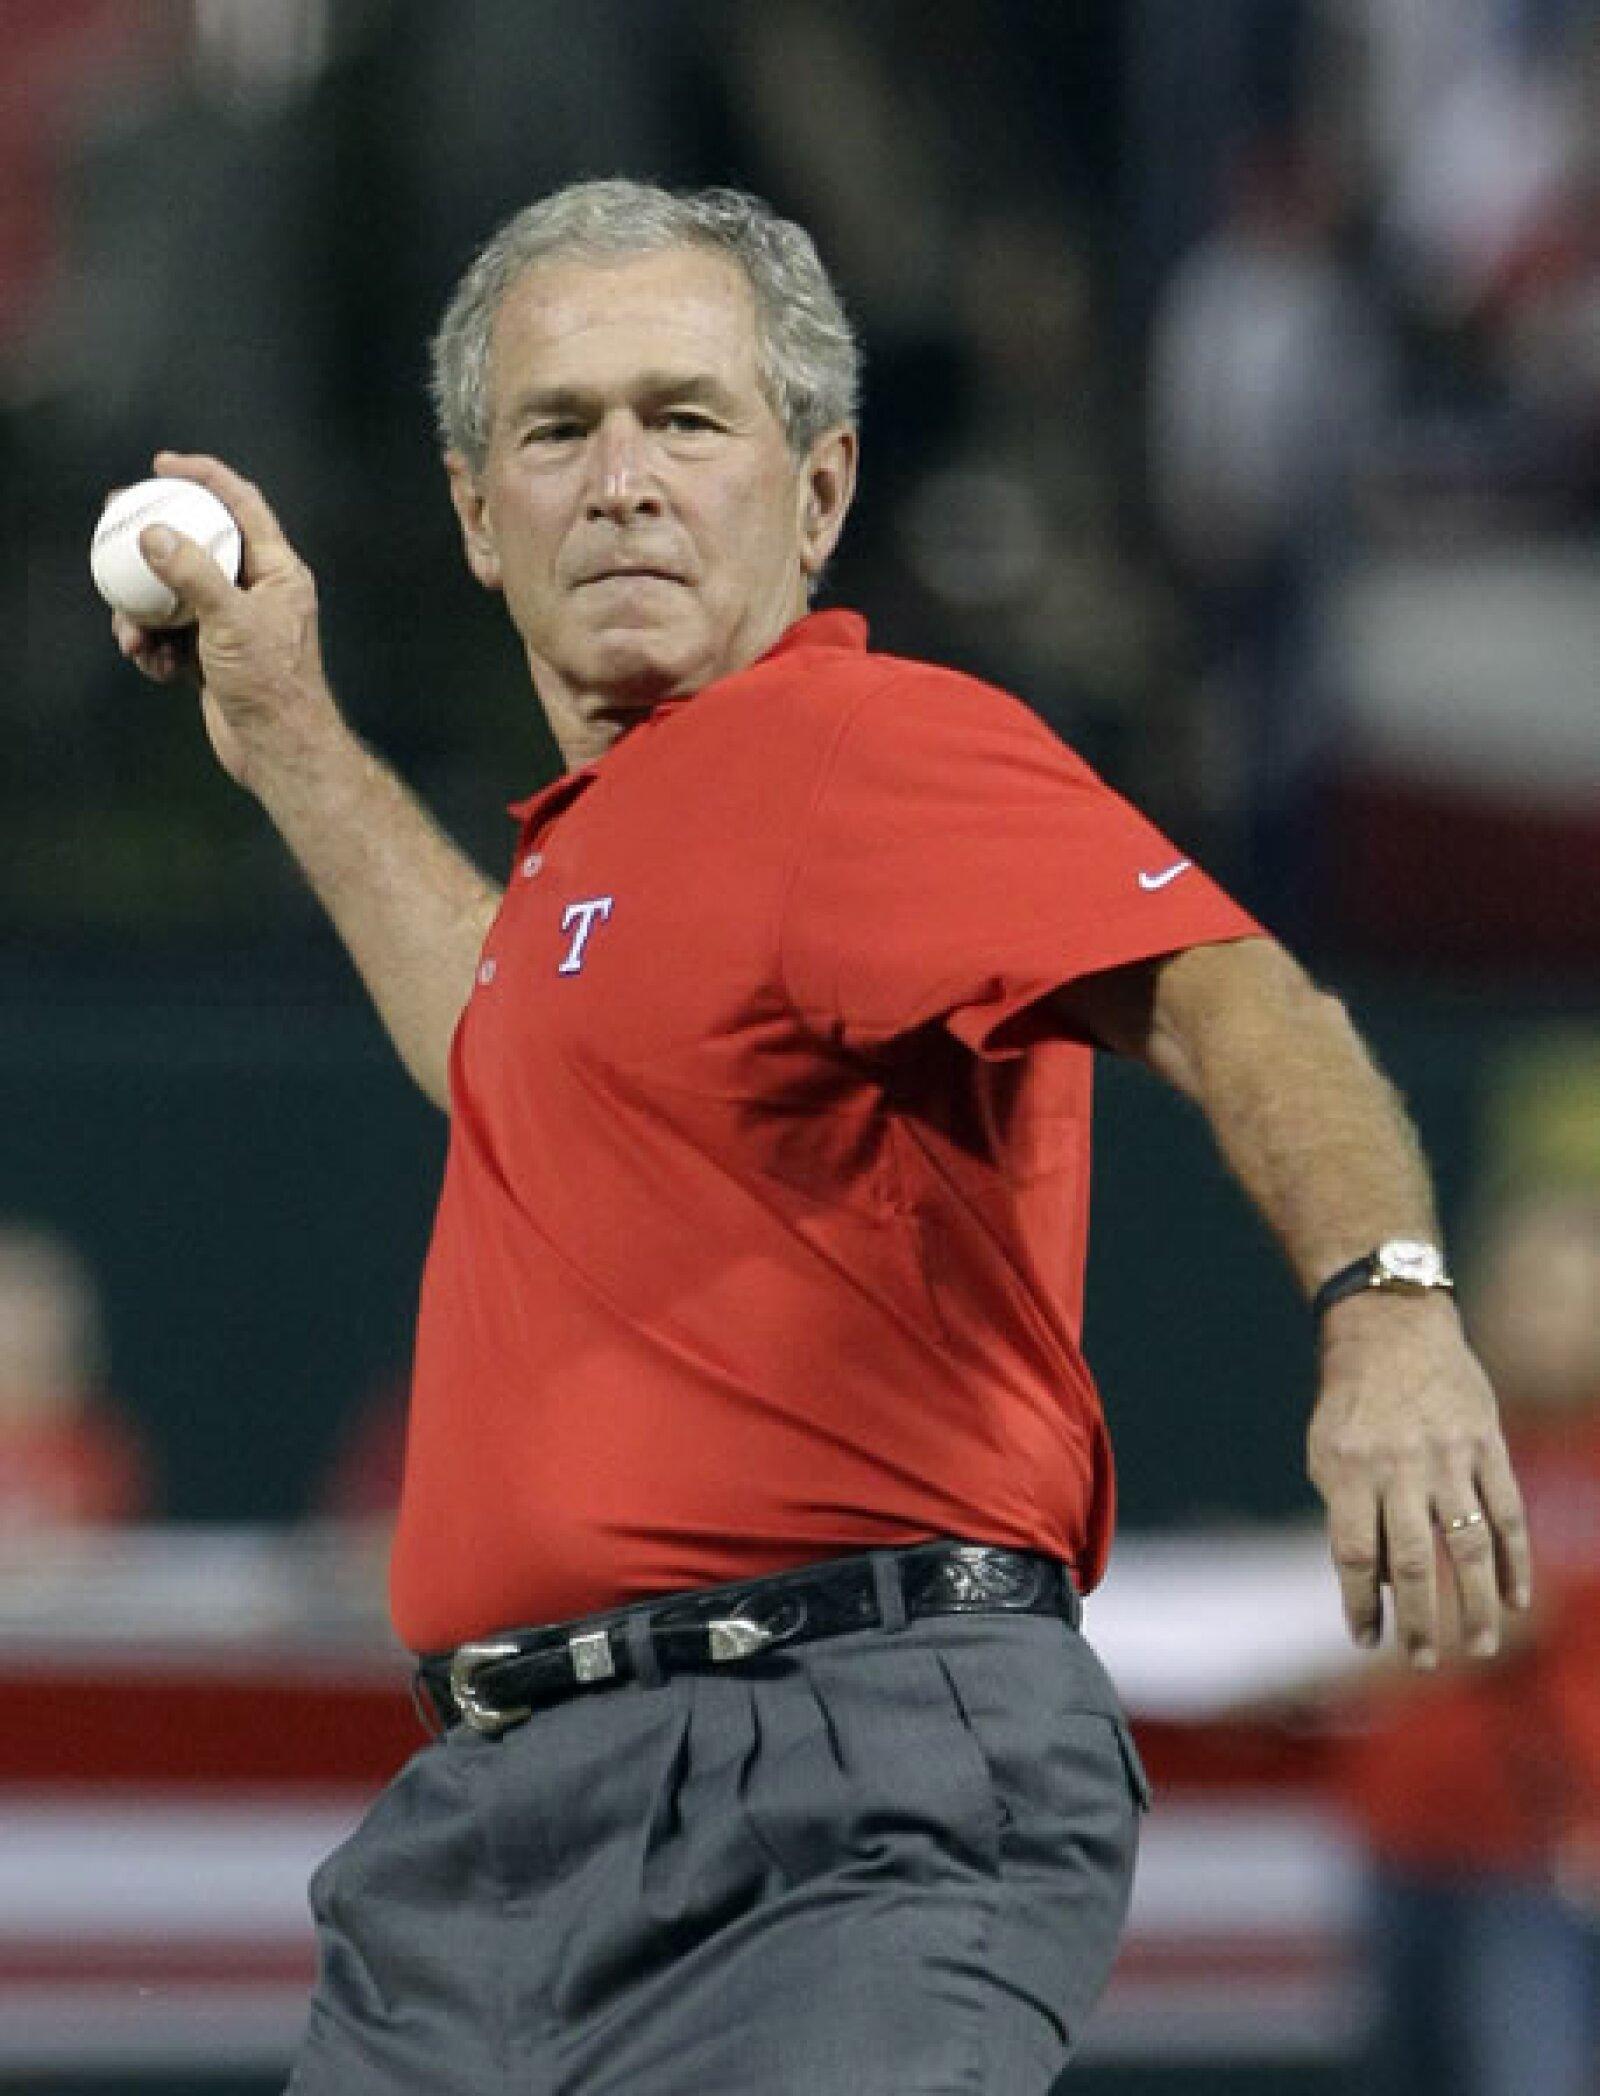 El ex presidente George W. Bush es fanático de los Rangers de Texas, equipo que juega la Serie Mundial contra los Cardenales de San Luis. No sólo es aficionado, fue por mucho tiempo dueño del equipo.